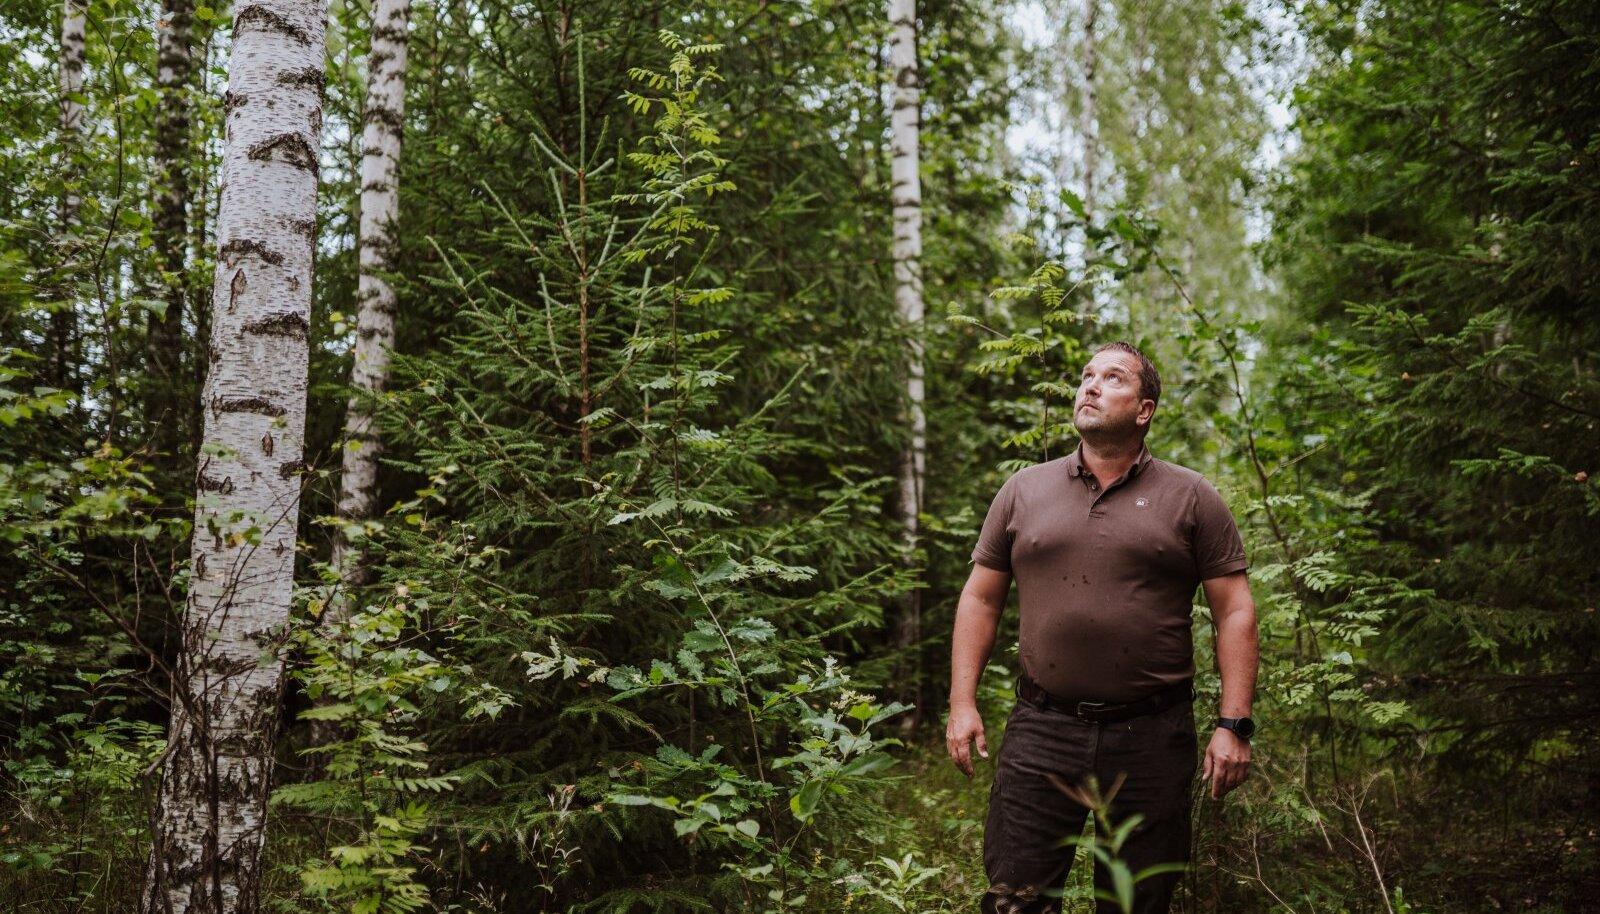 Protestiks riigiameti mastaapsetele keeldudele pani metsaettevõte Valga Puu kogu oma tehnika seisma ja saatis töötajad sundpuhkusele, firma juht Andres Olesk on kinnitanud, et see toob riigile kaasa 1,5 miljoni euro suuruse kahjunõude.